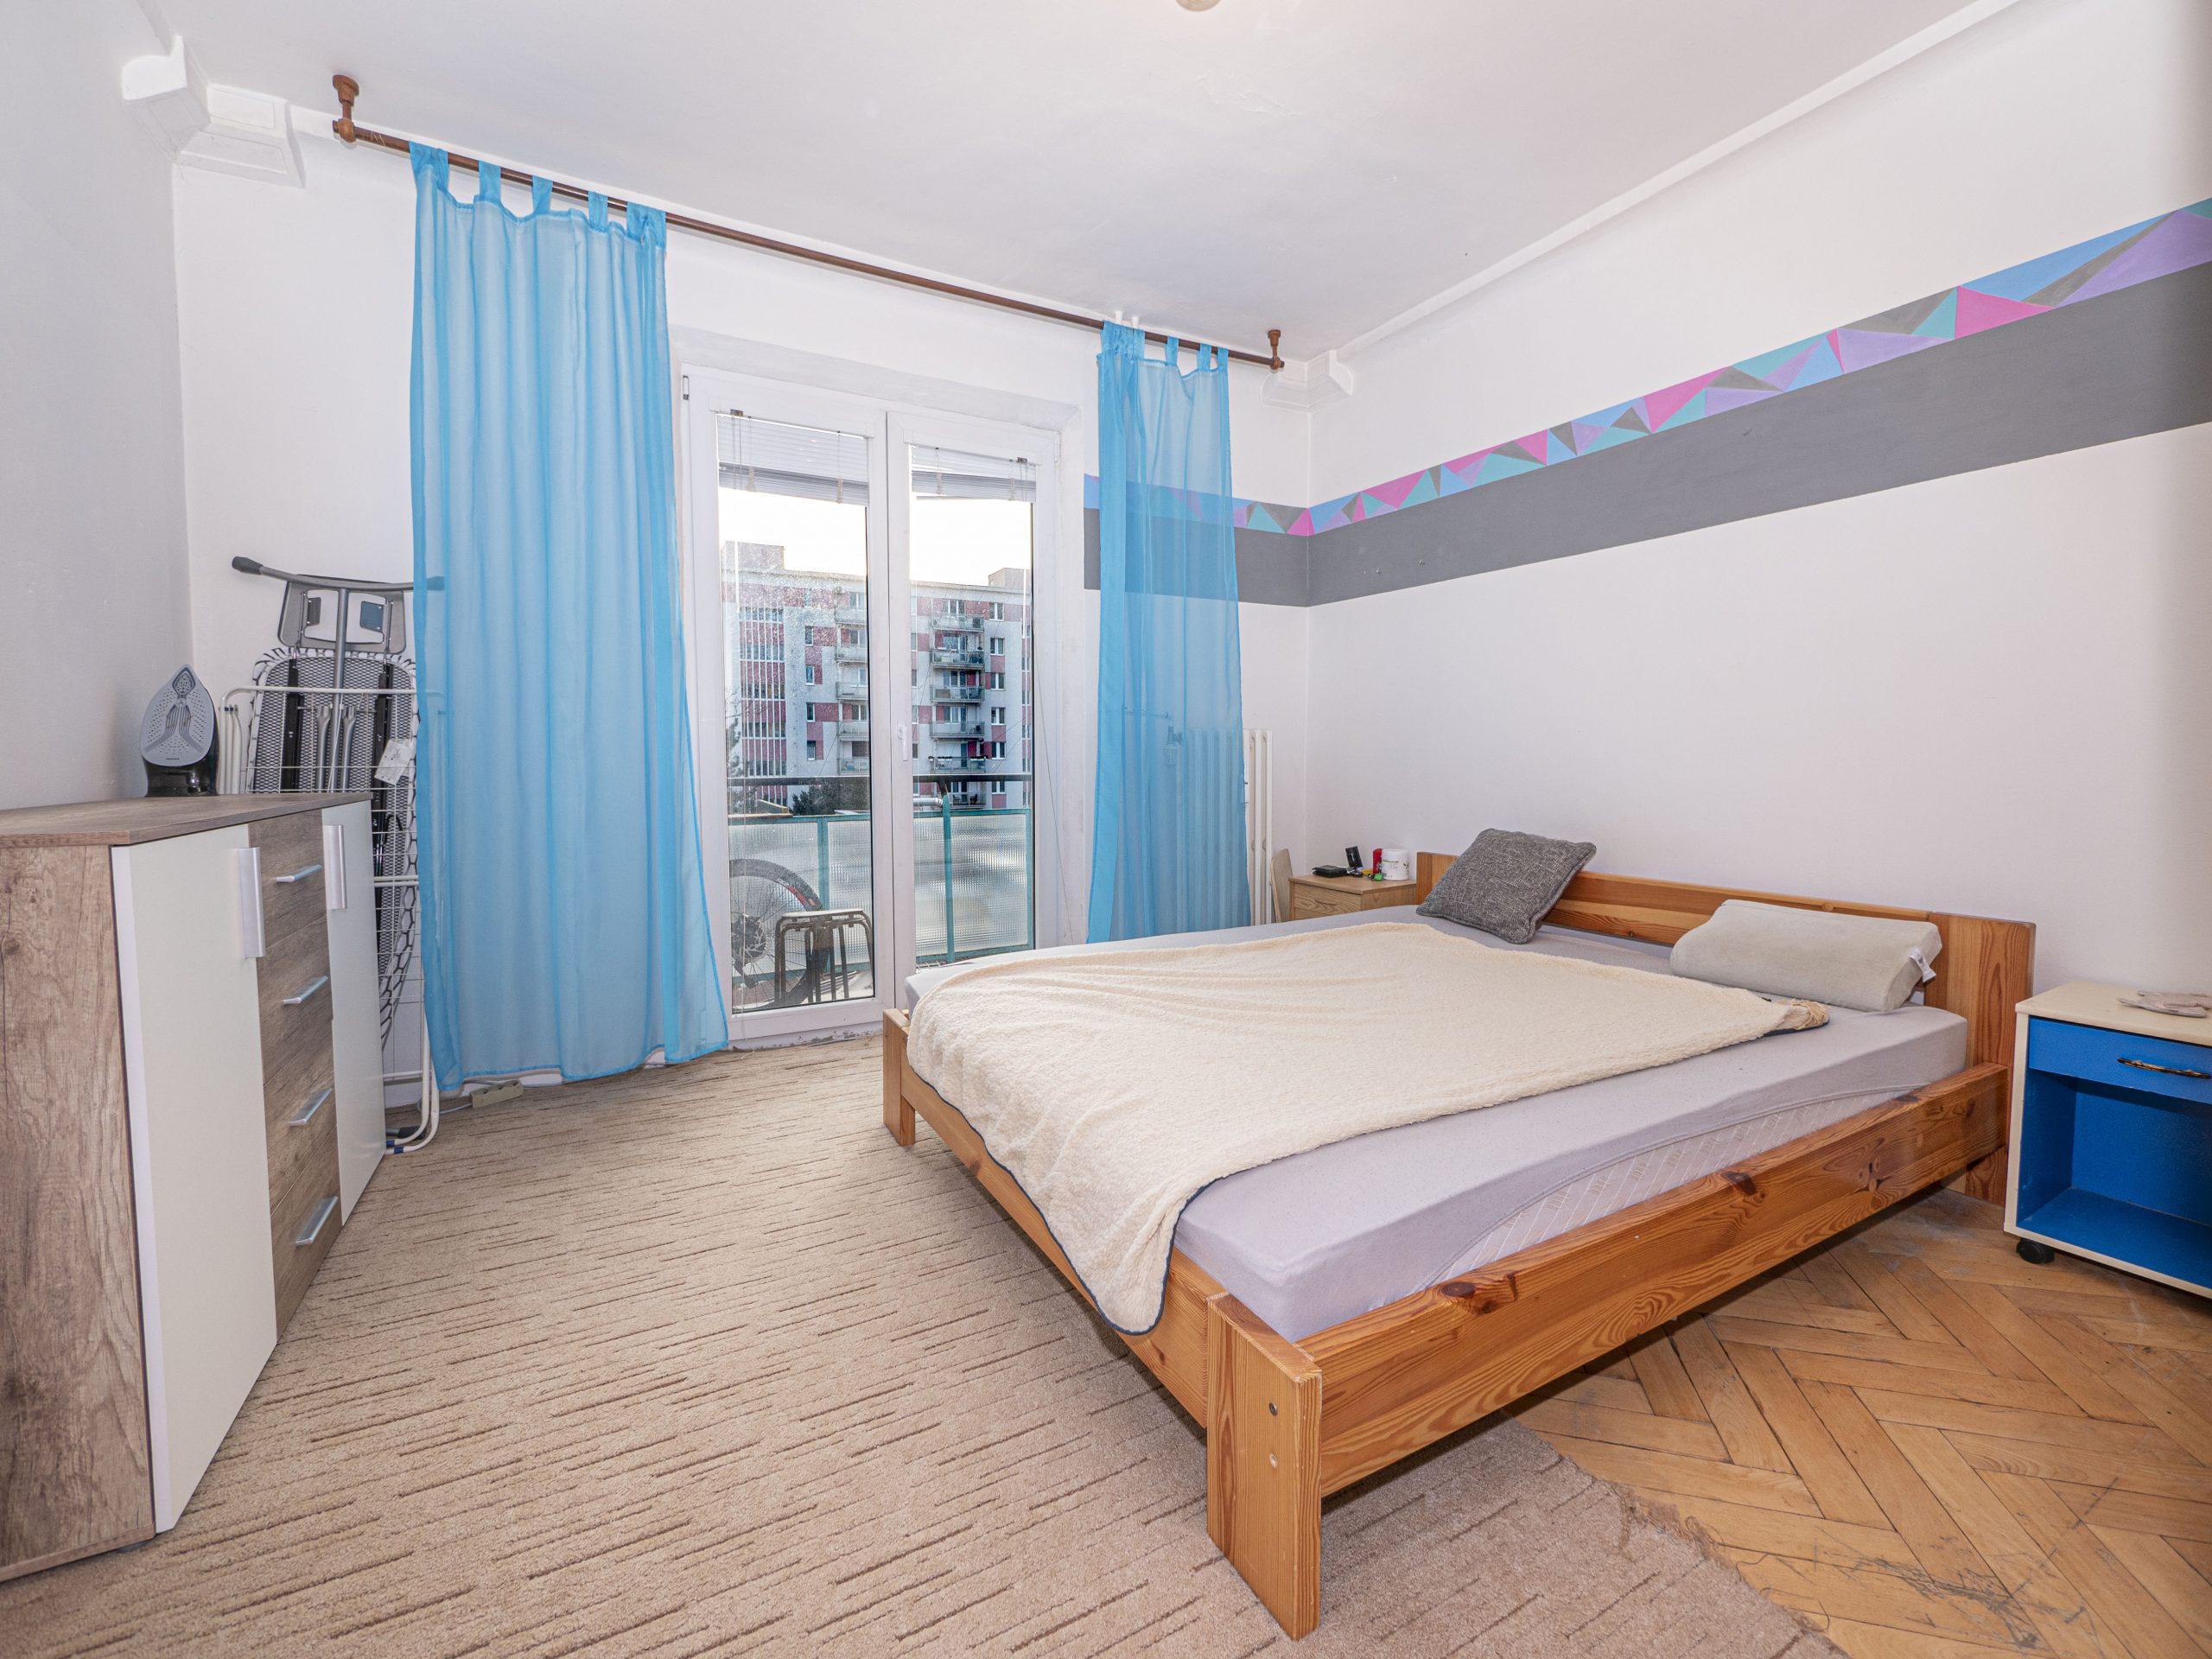 Predáme pekne dispozične riešený 2 izbový byt s balkónom v blízkosti Štrkovca mestká časť Ružinov